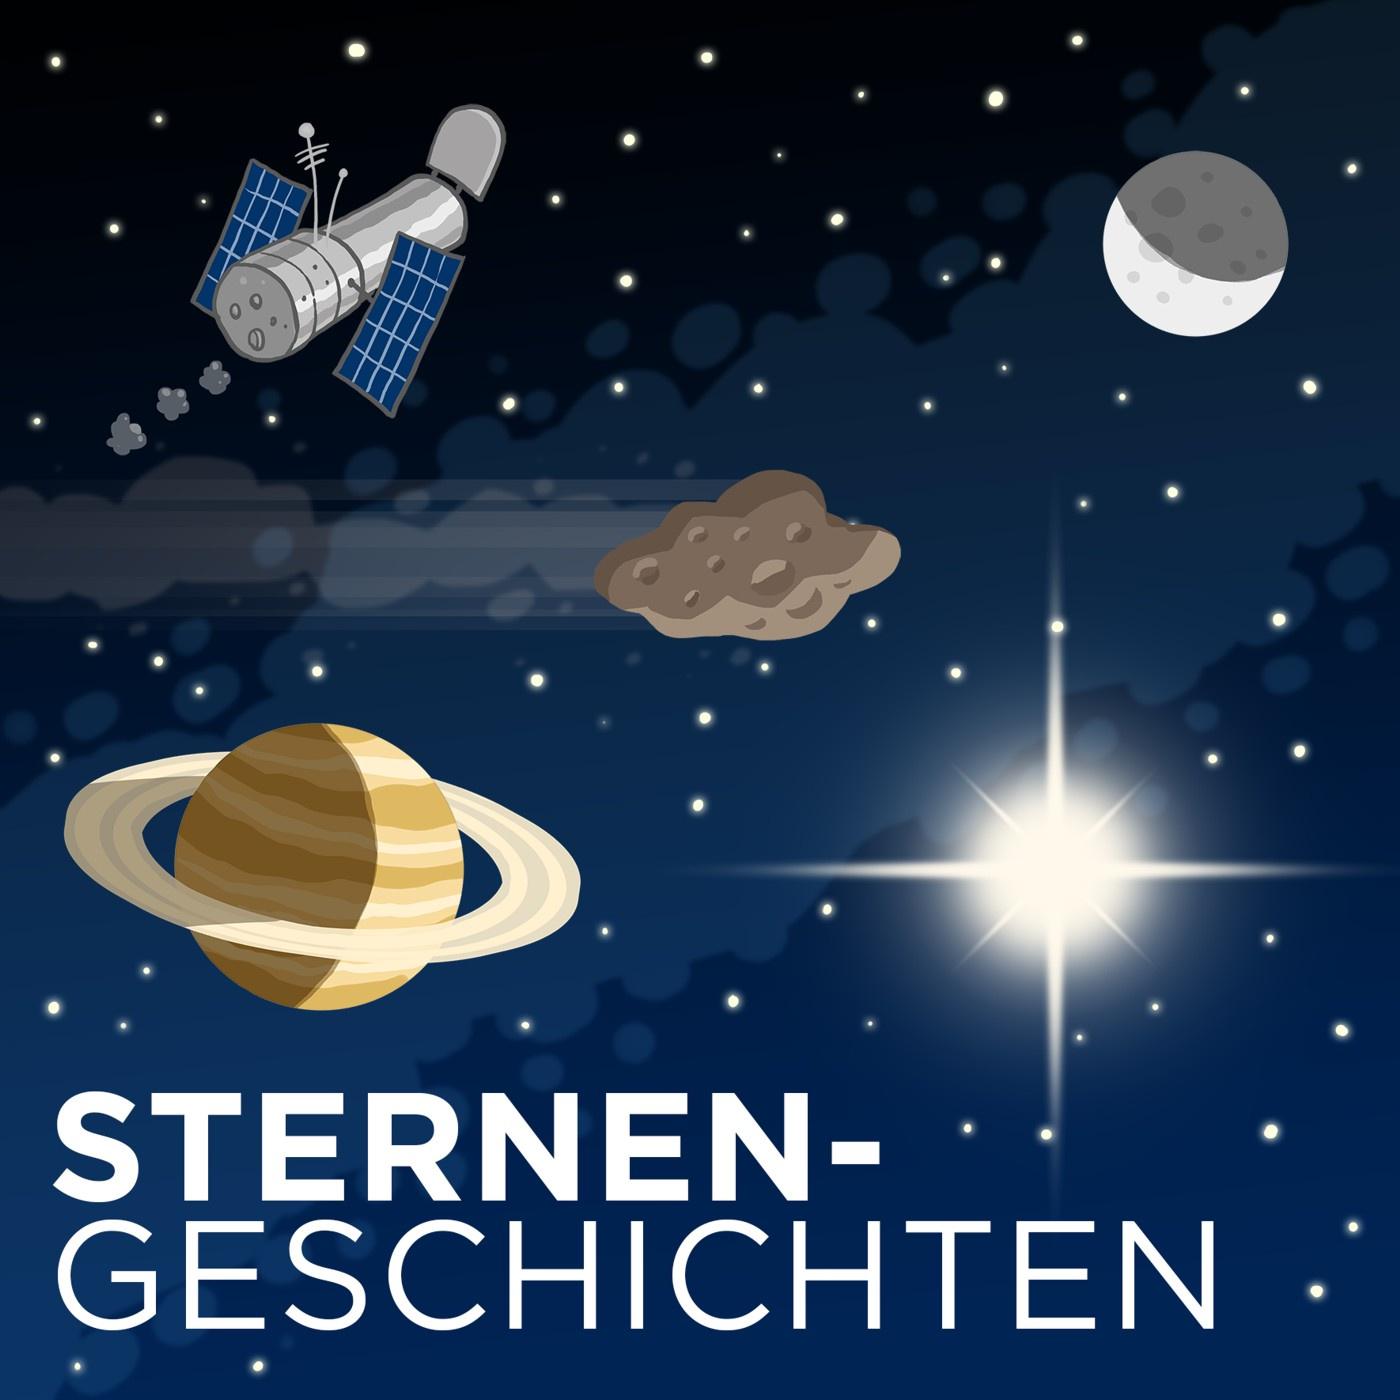 Sternengeschichten Folge 464: Biosignaturen: Auf der Suche nach außerirdischem Leben